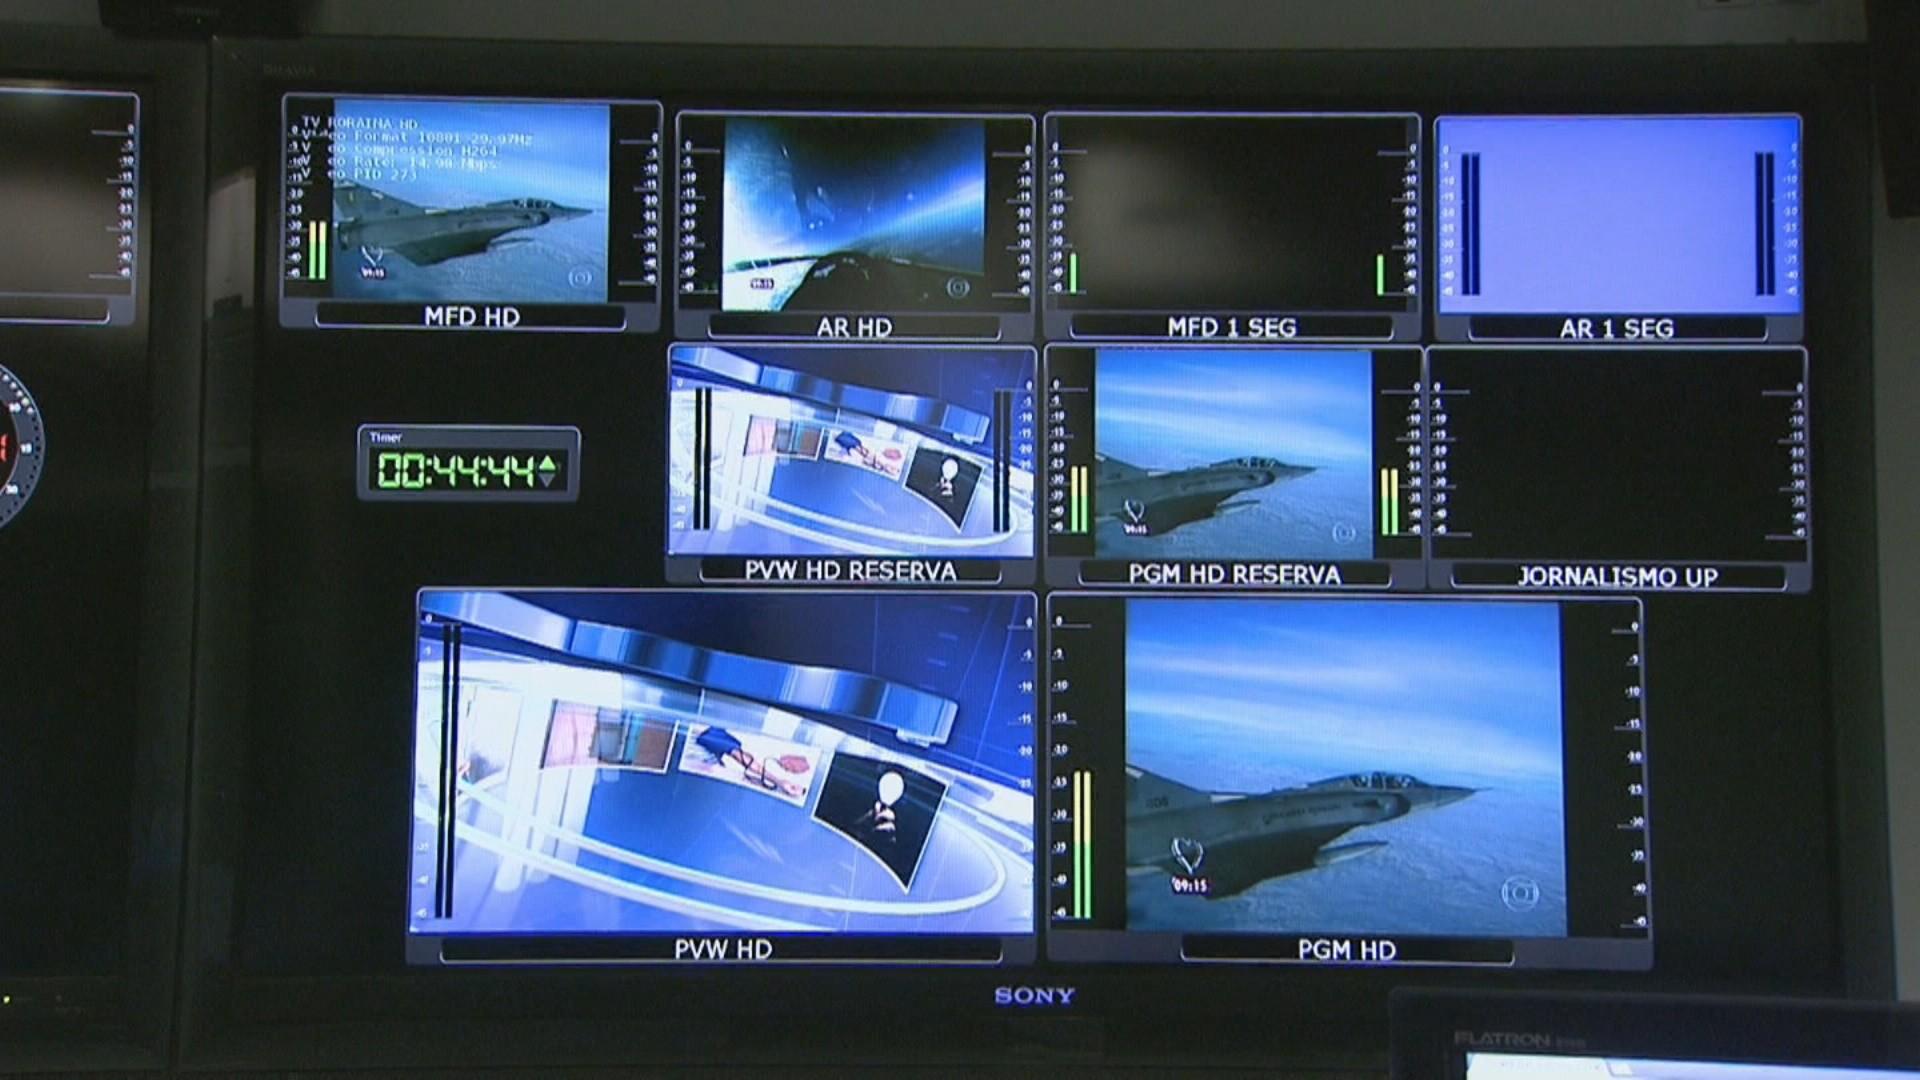 Transmissão do sinal digital garante maior qualidade da imagem e áudio (Foto: Bom Dia Amazônia)